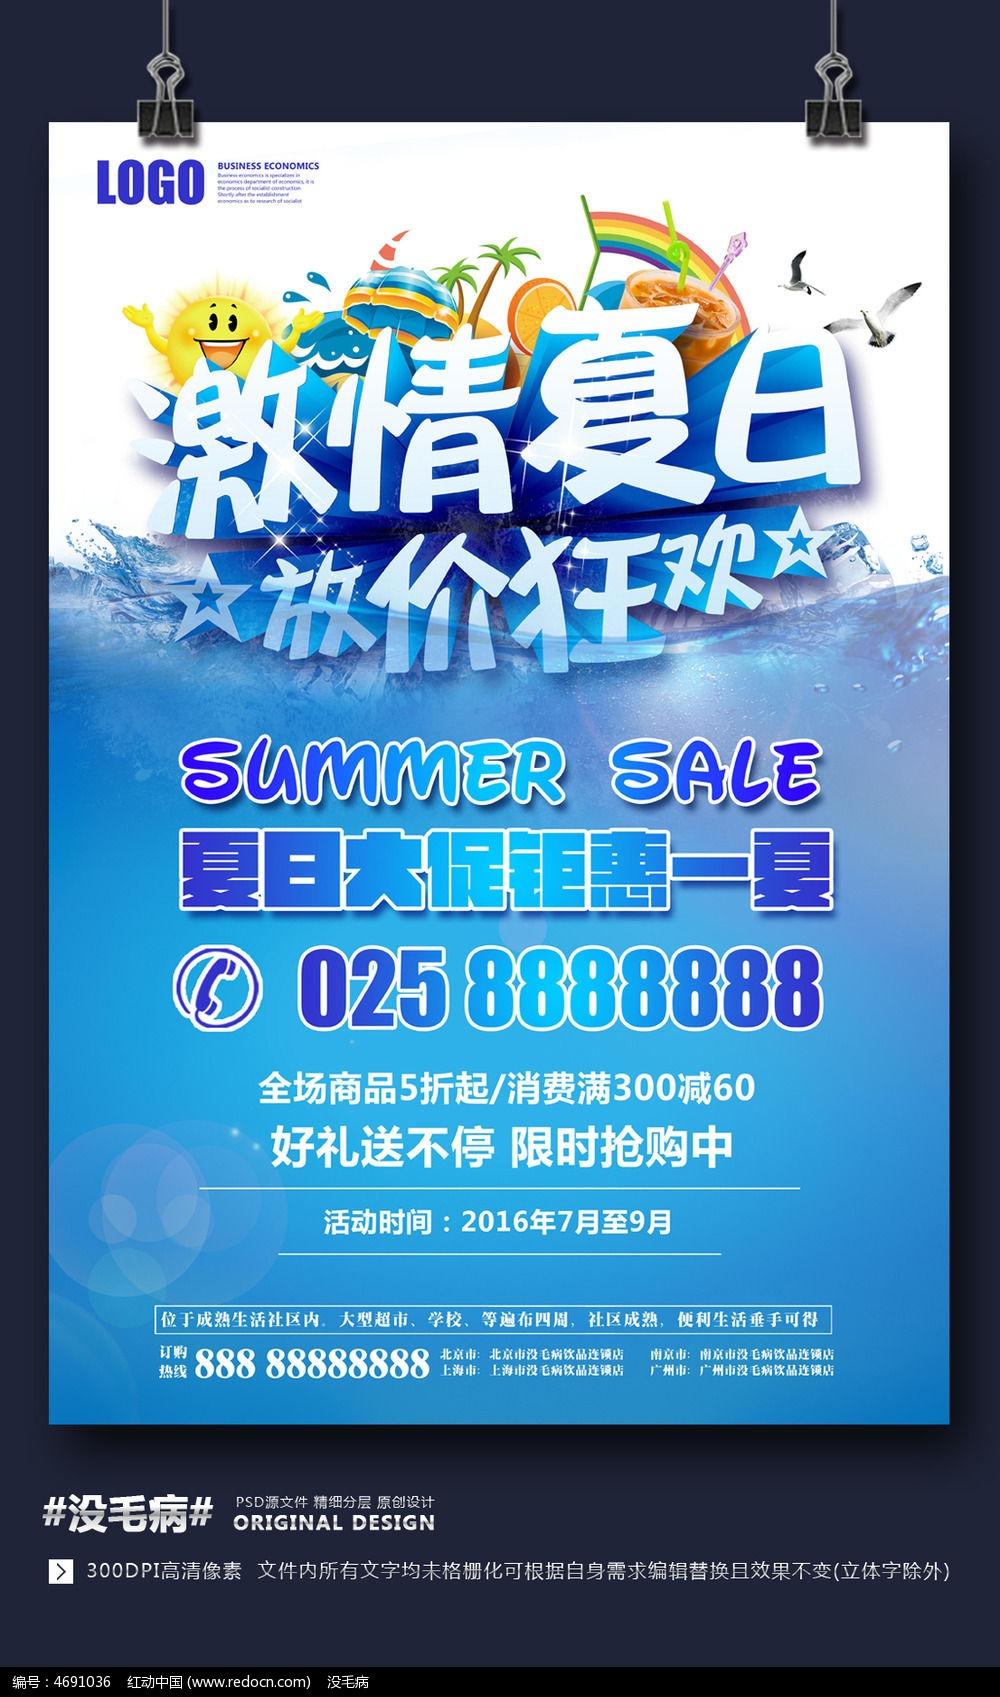 激情大学专业放价排名v激情海报设计_海报设计建筑设计蓝色夏日狂欢中国图片